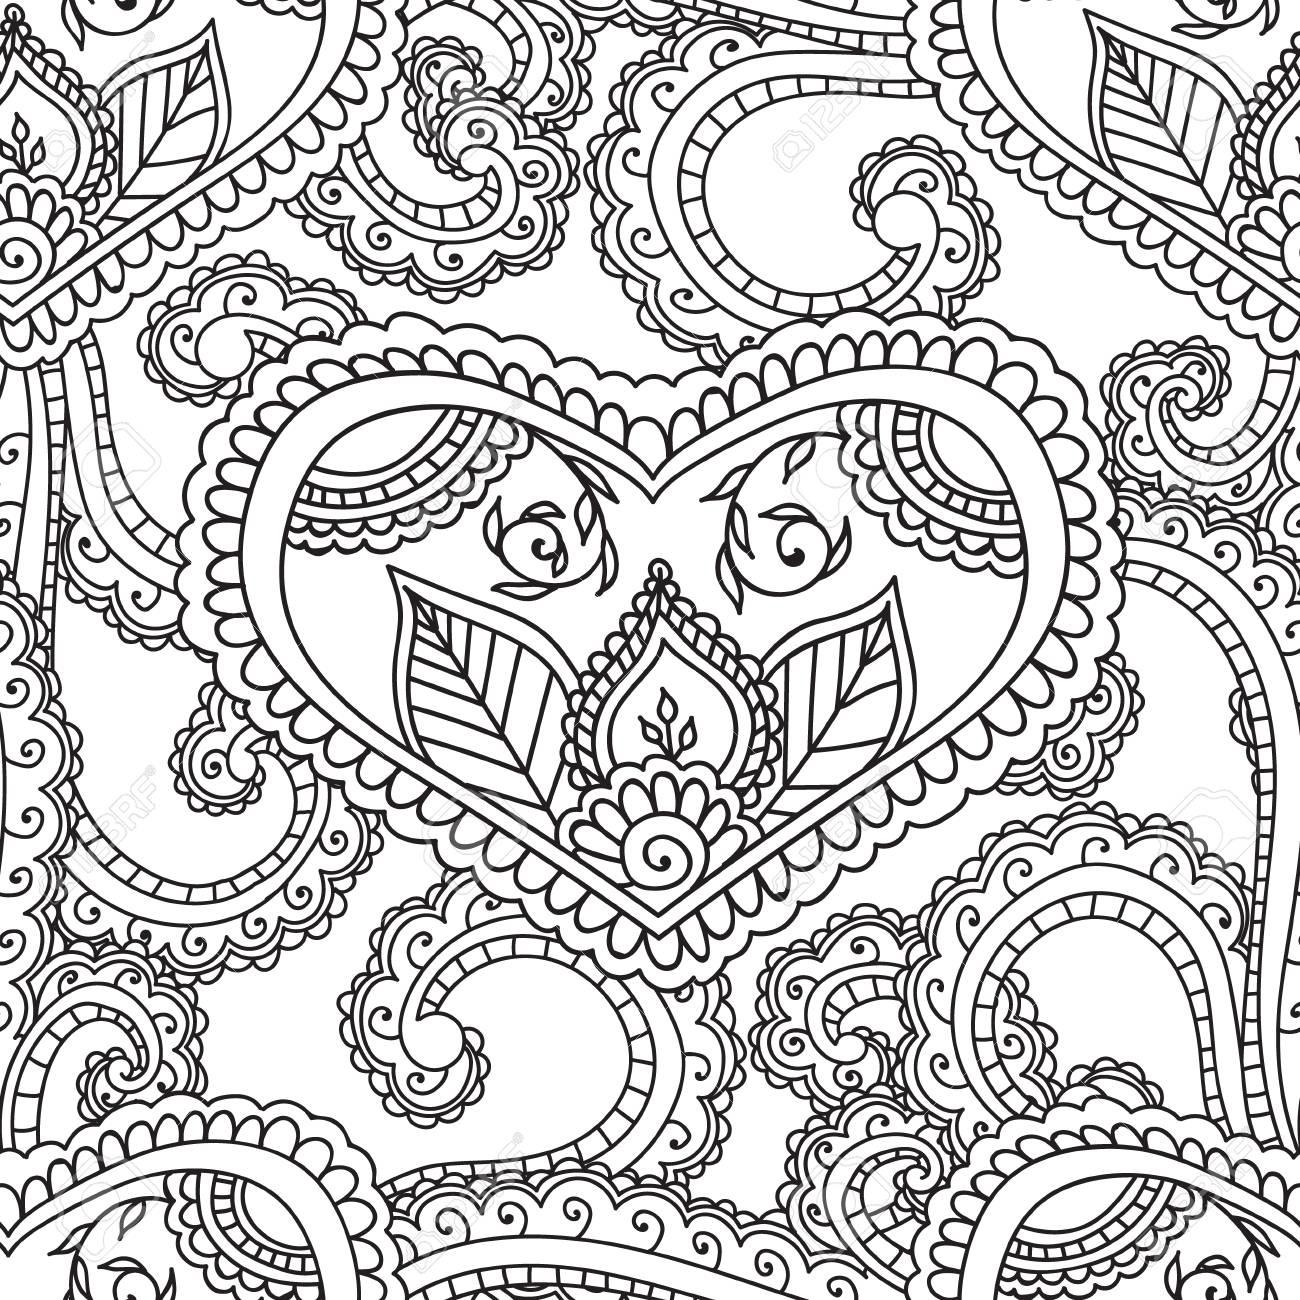 Ausmalbild Blumen Muster Ausmalbilder Kostenlos 5